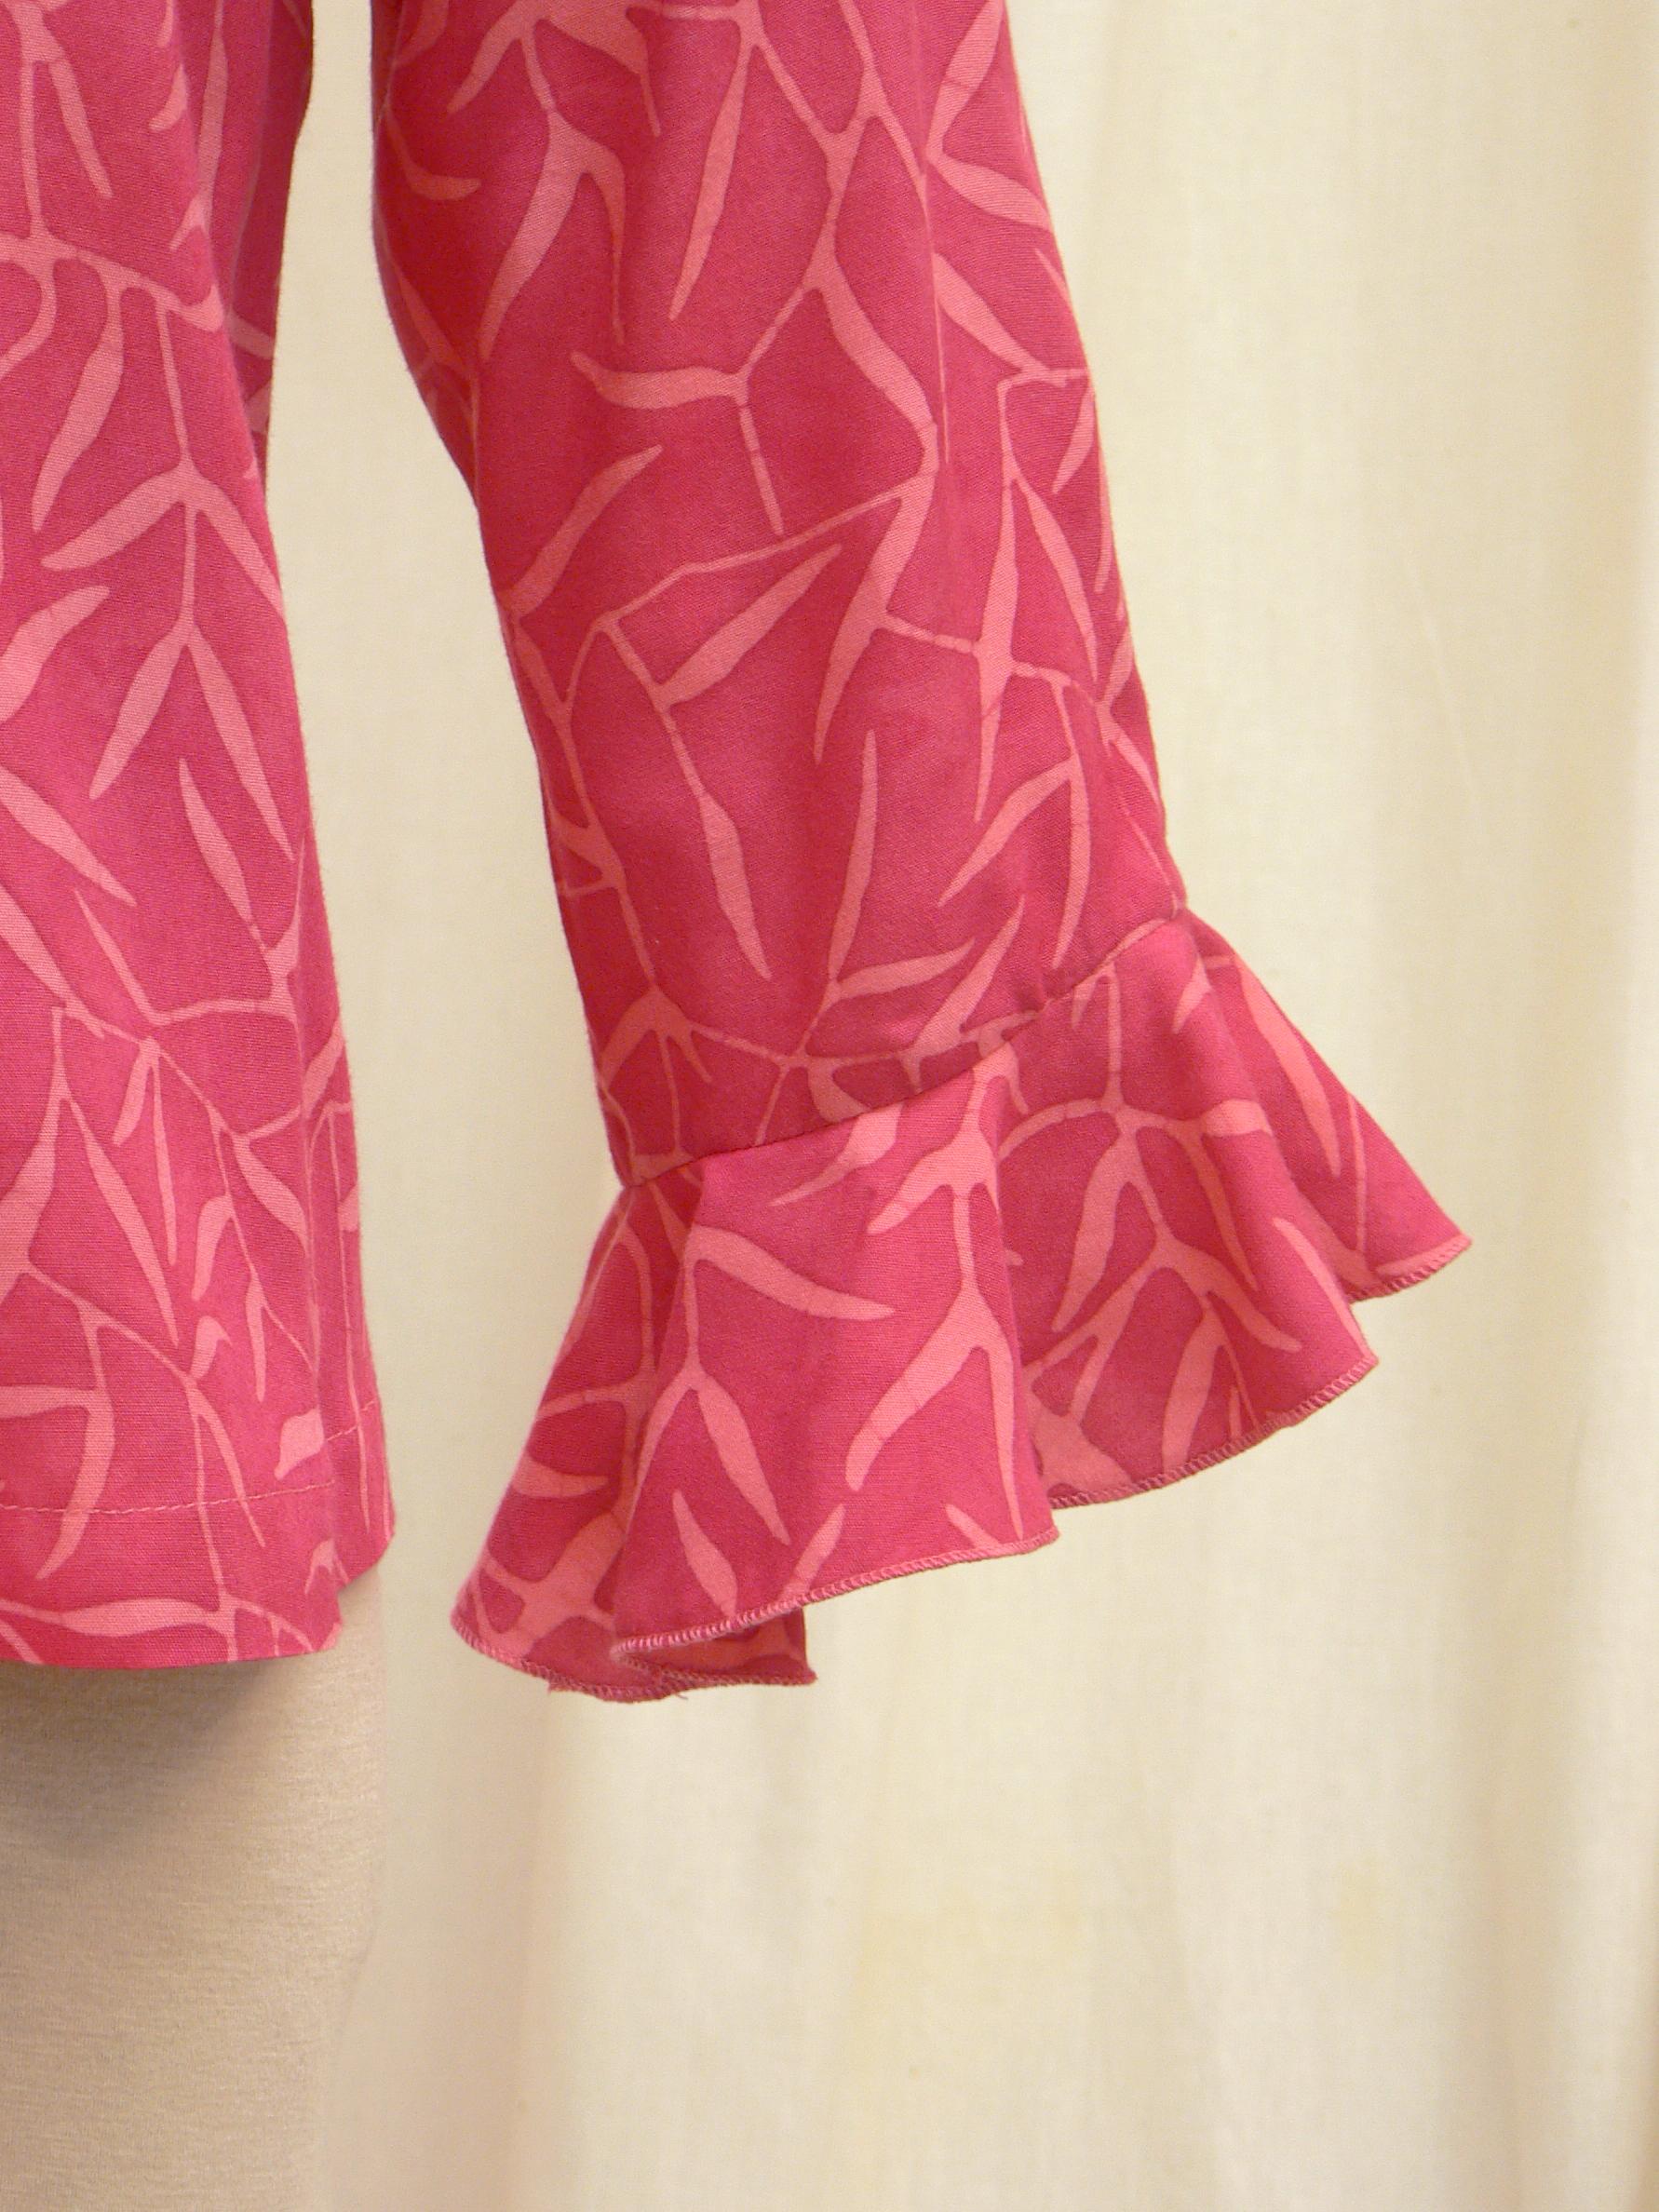 blouse06_cuff_detail2.jpg